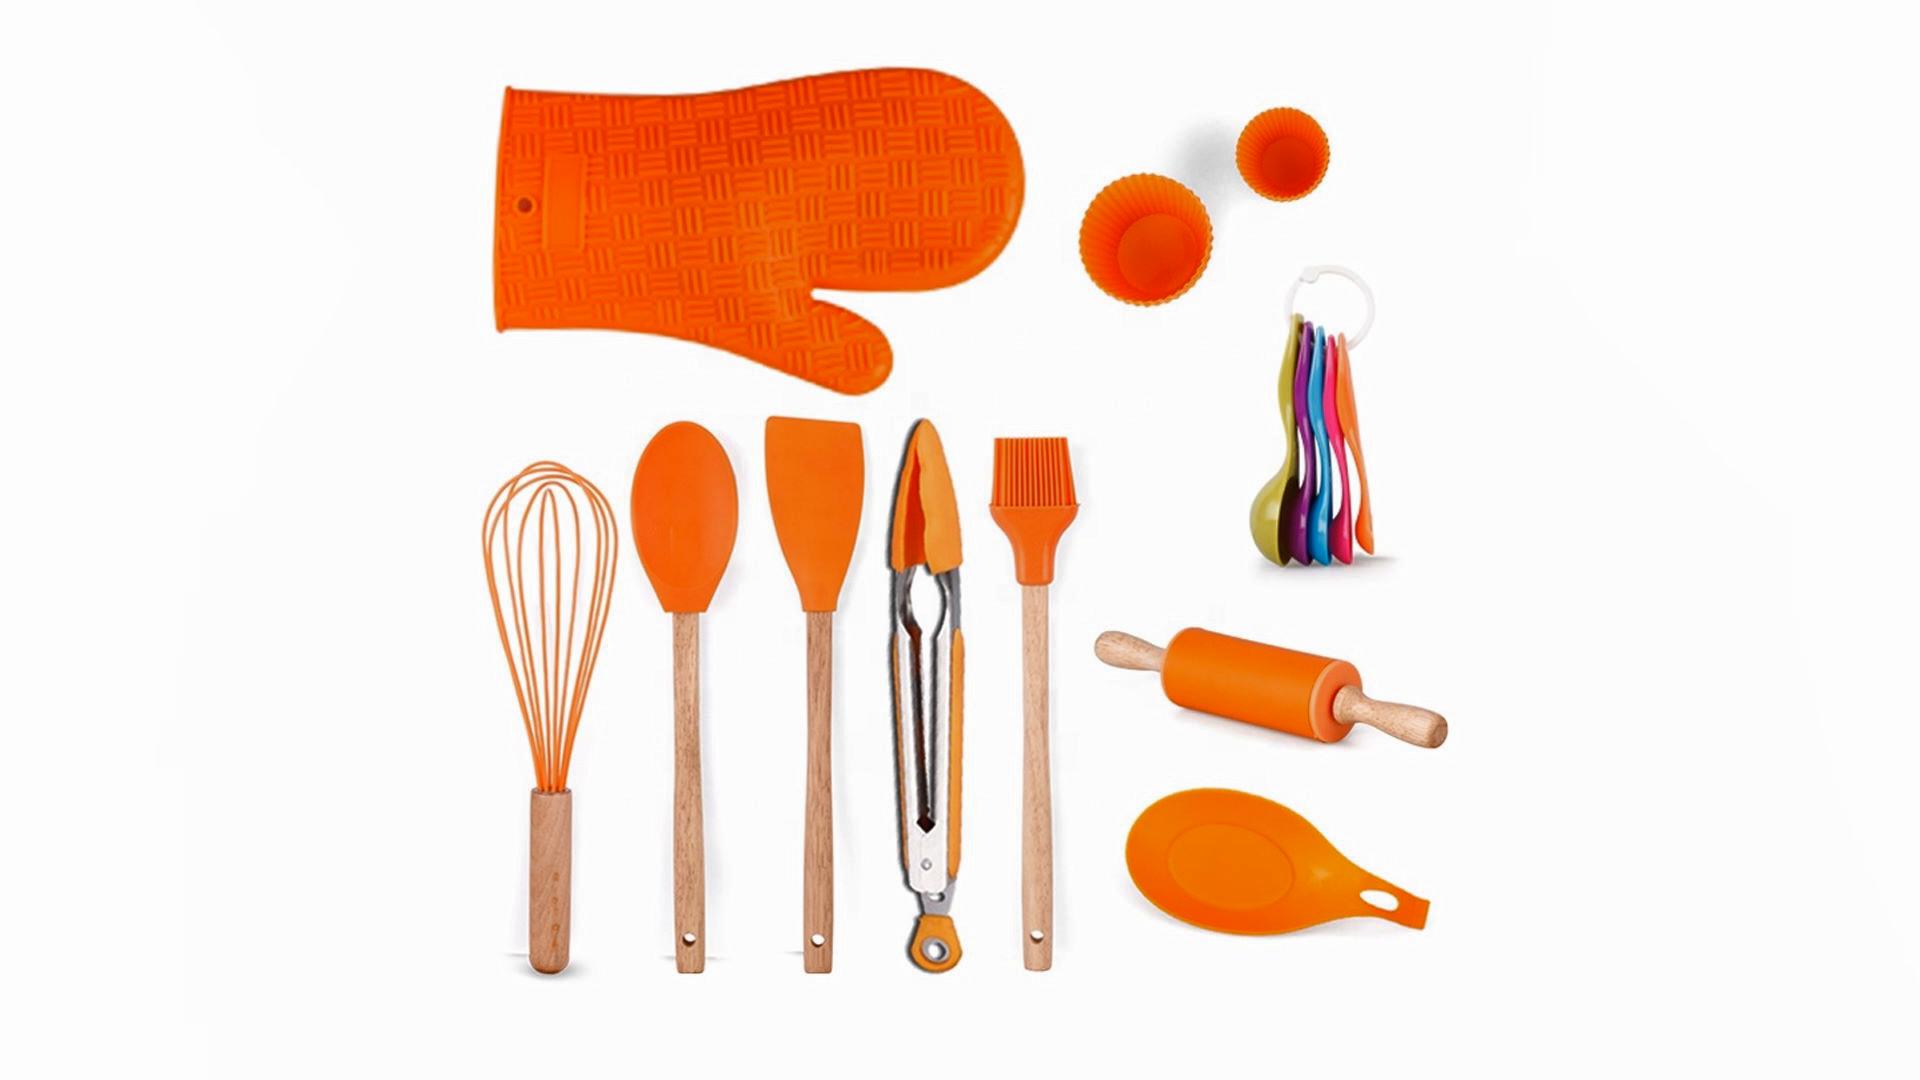 Silicone Cooking Utensils 14 pcs Kitchen Utensil Set Wooden Baking Utensil Kitchen Tool Set